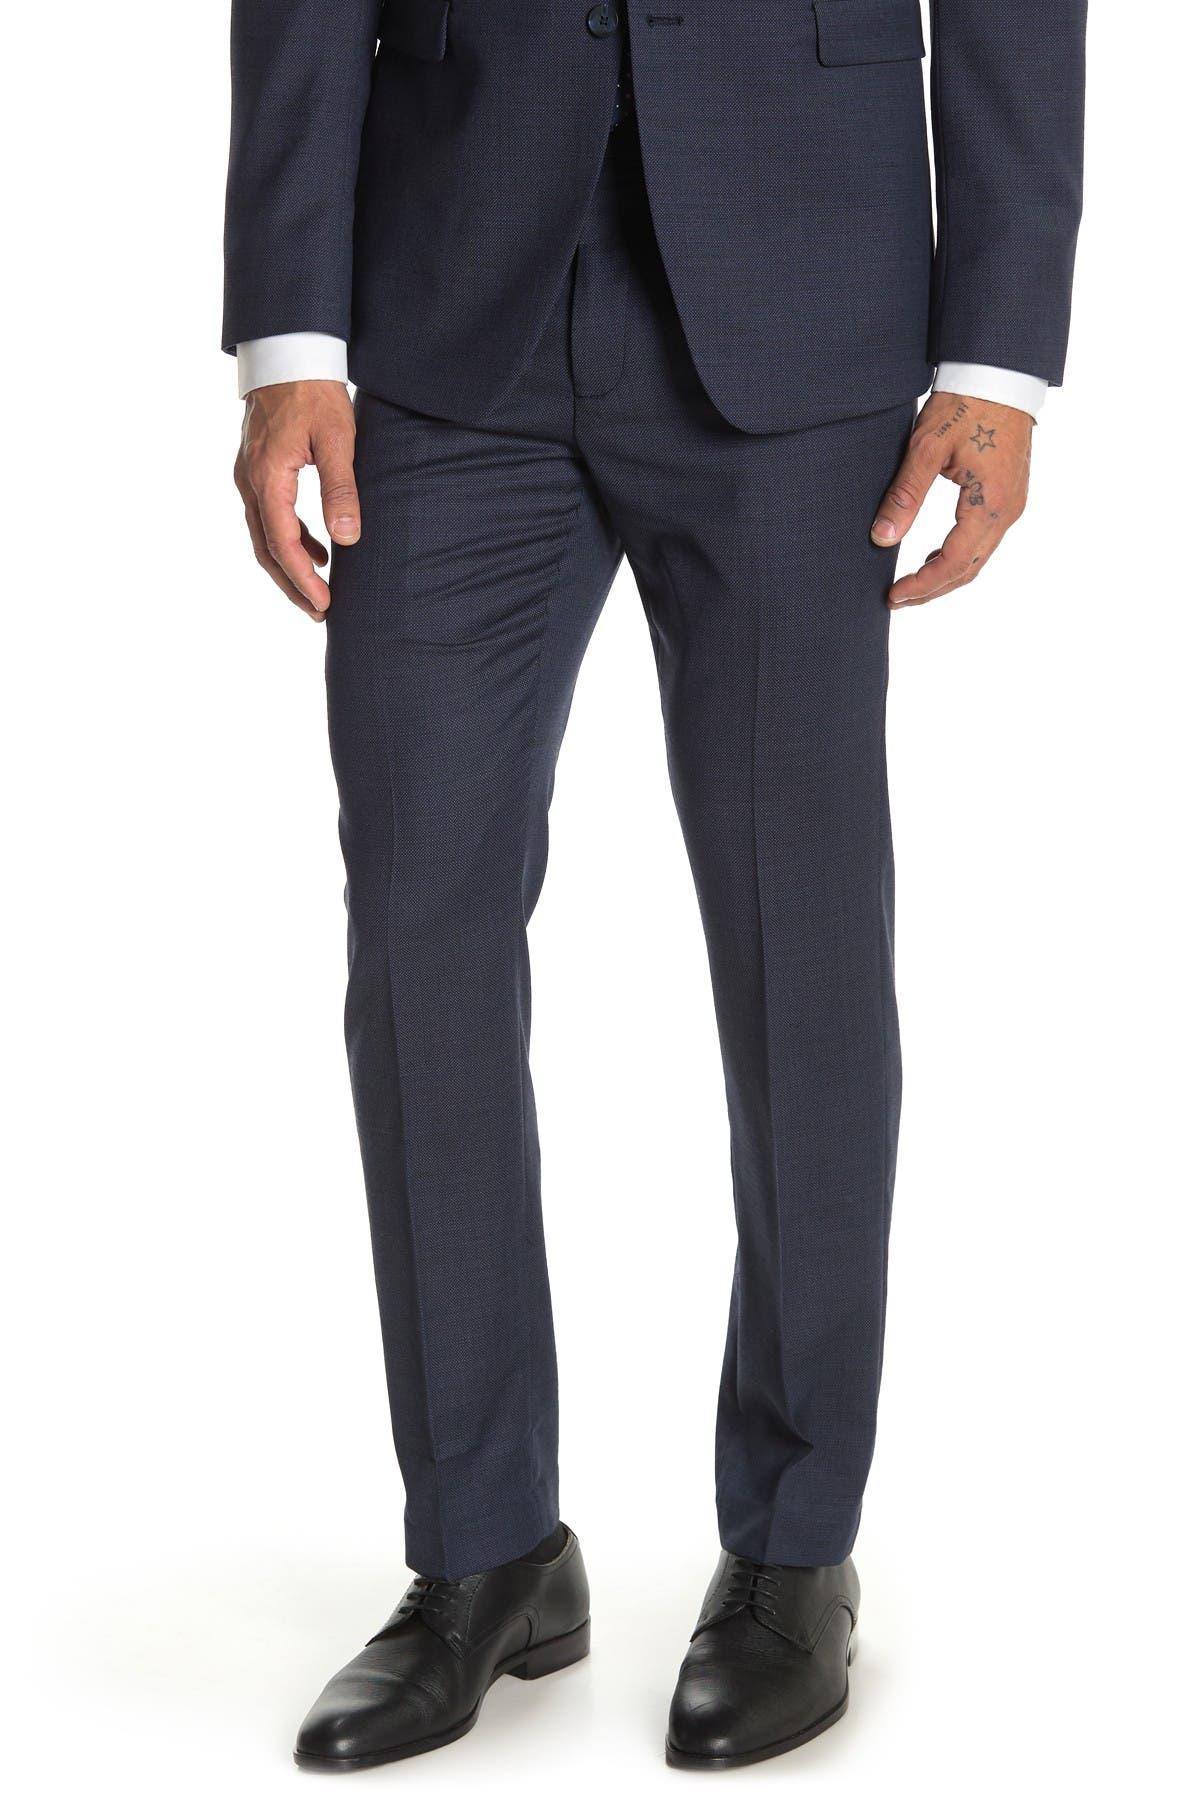 """Image of Original Penguin Birdeye Slim Fit Suit Separates Trousers - 30-34"""" Inseam"""